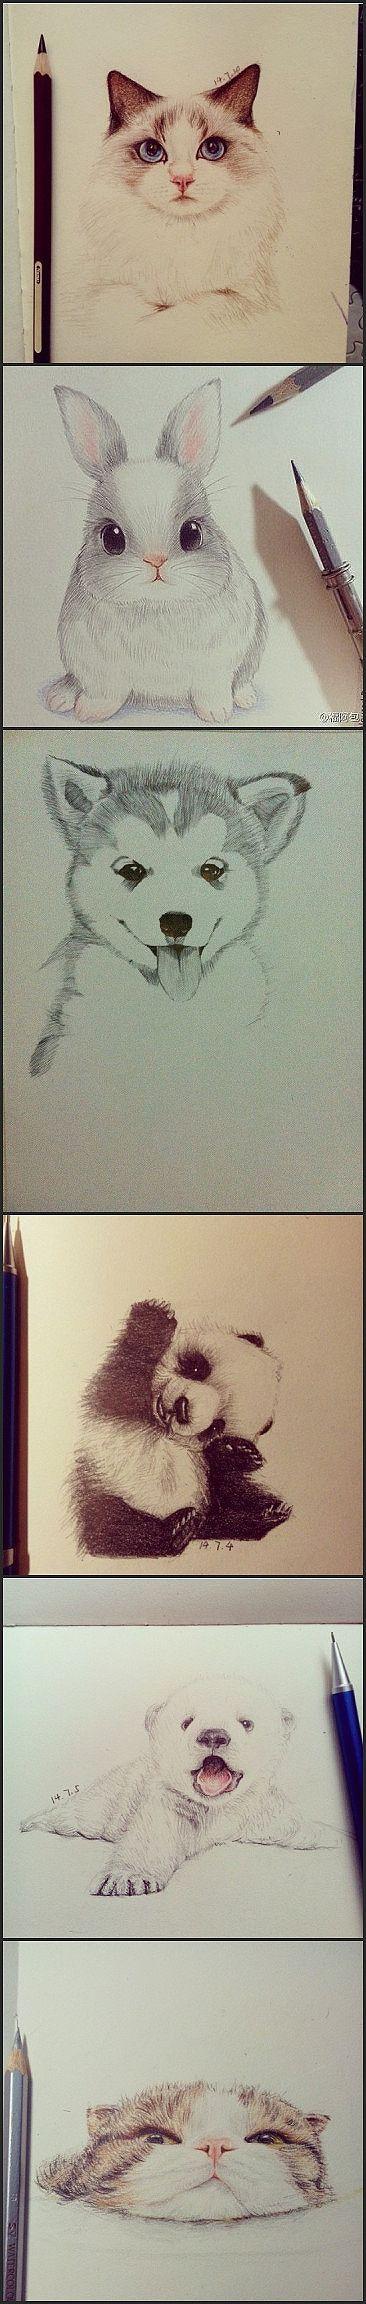 绘画 插画手绘 插画 素描 手绘 彩铅 萌动唯美图片 图集